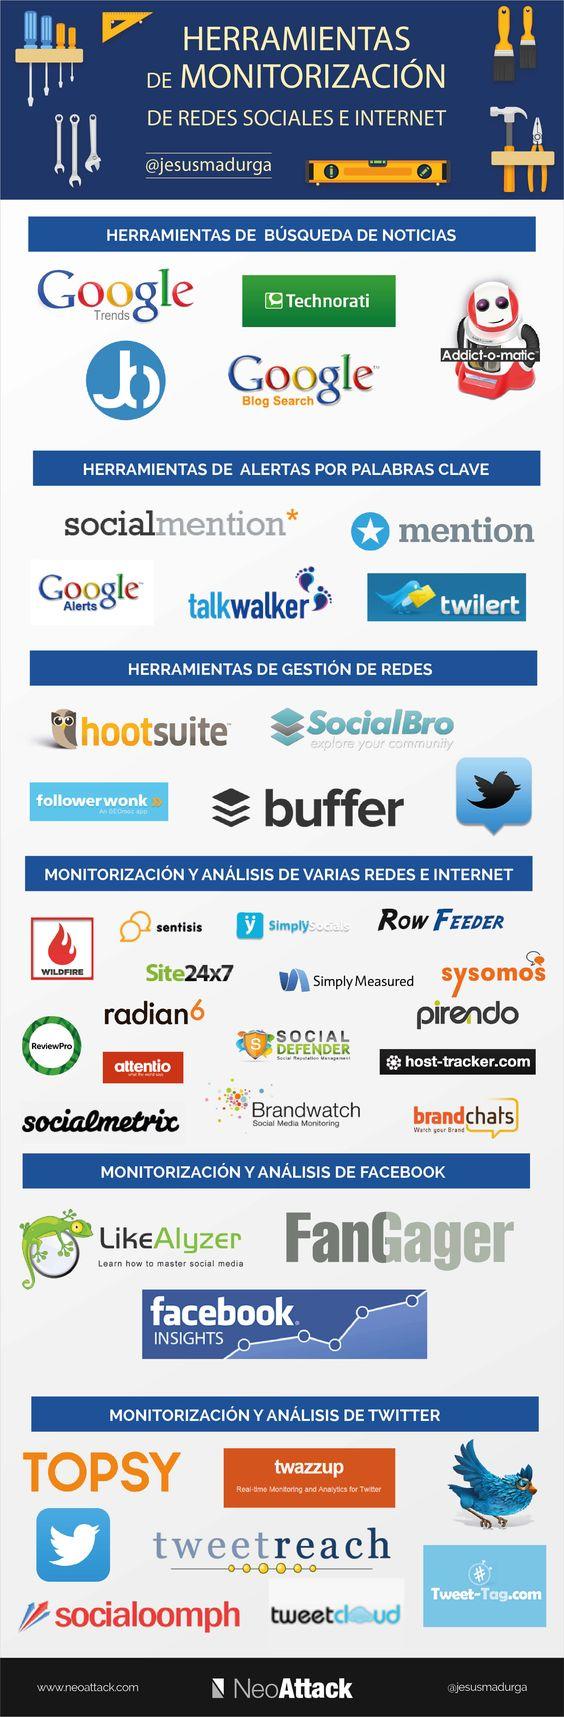 Conocer Sobre El Internet Casal Bissexual Manaus-70577